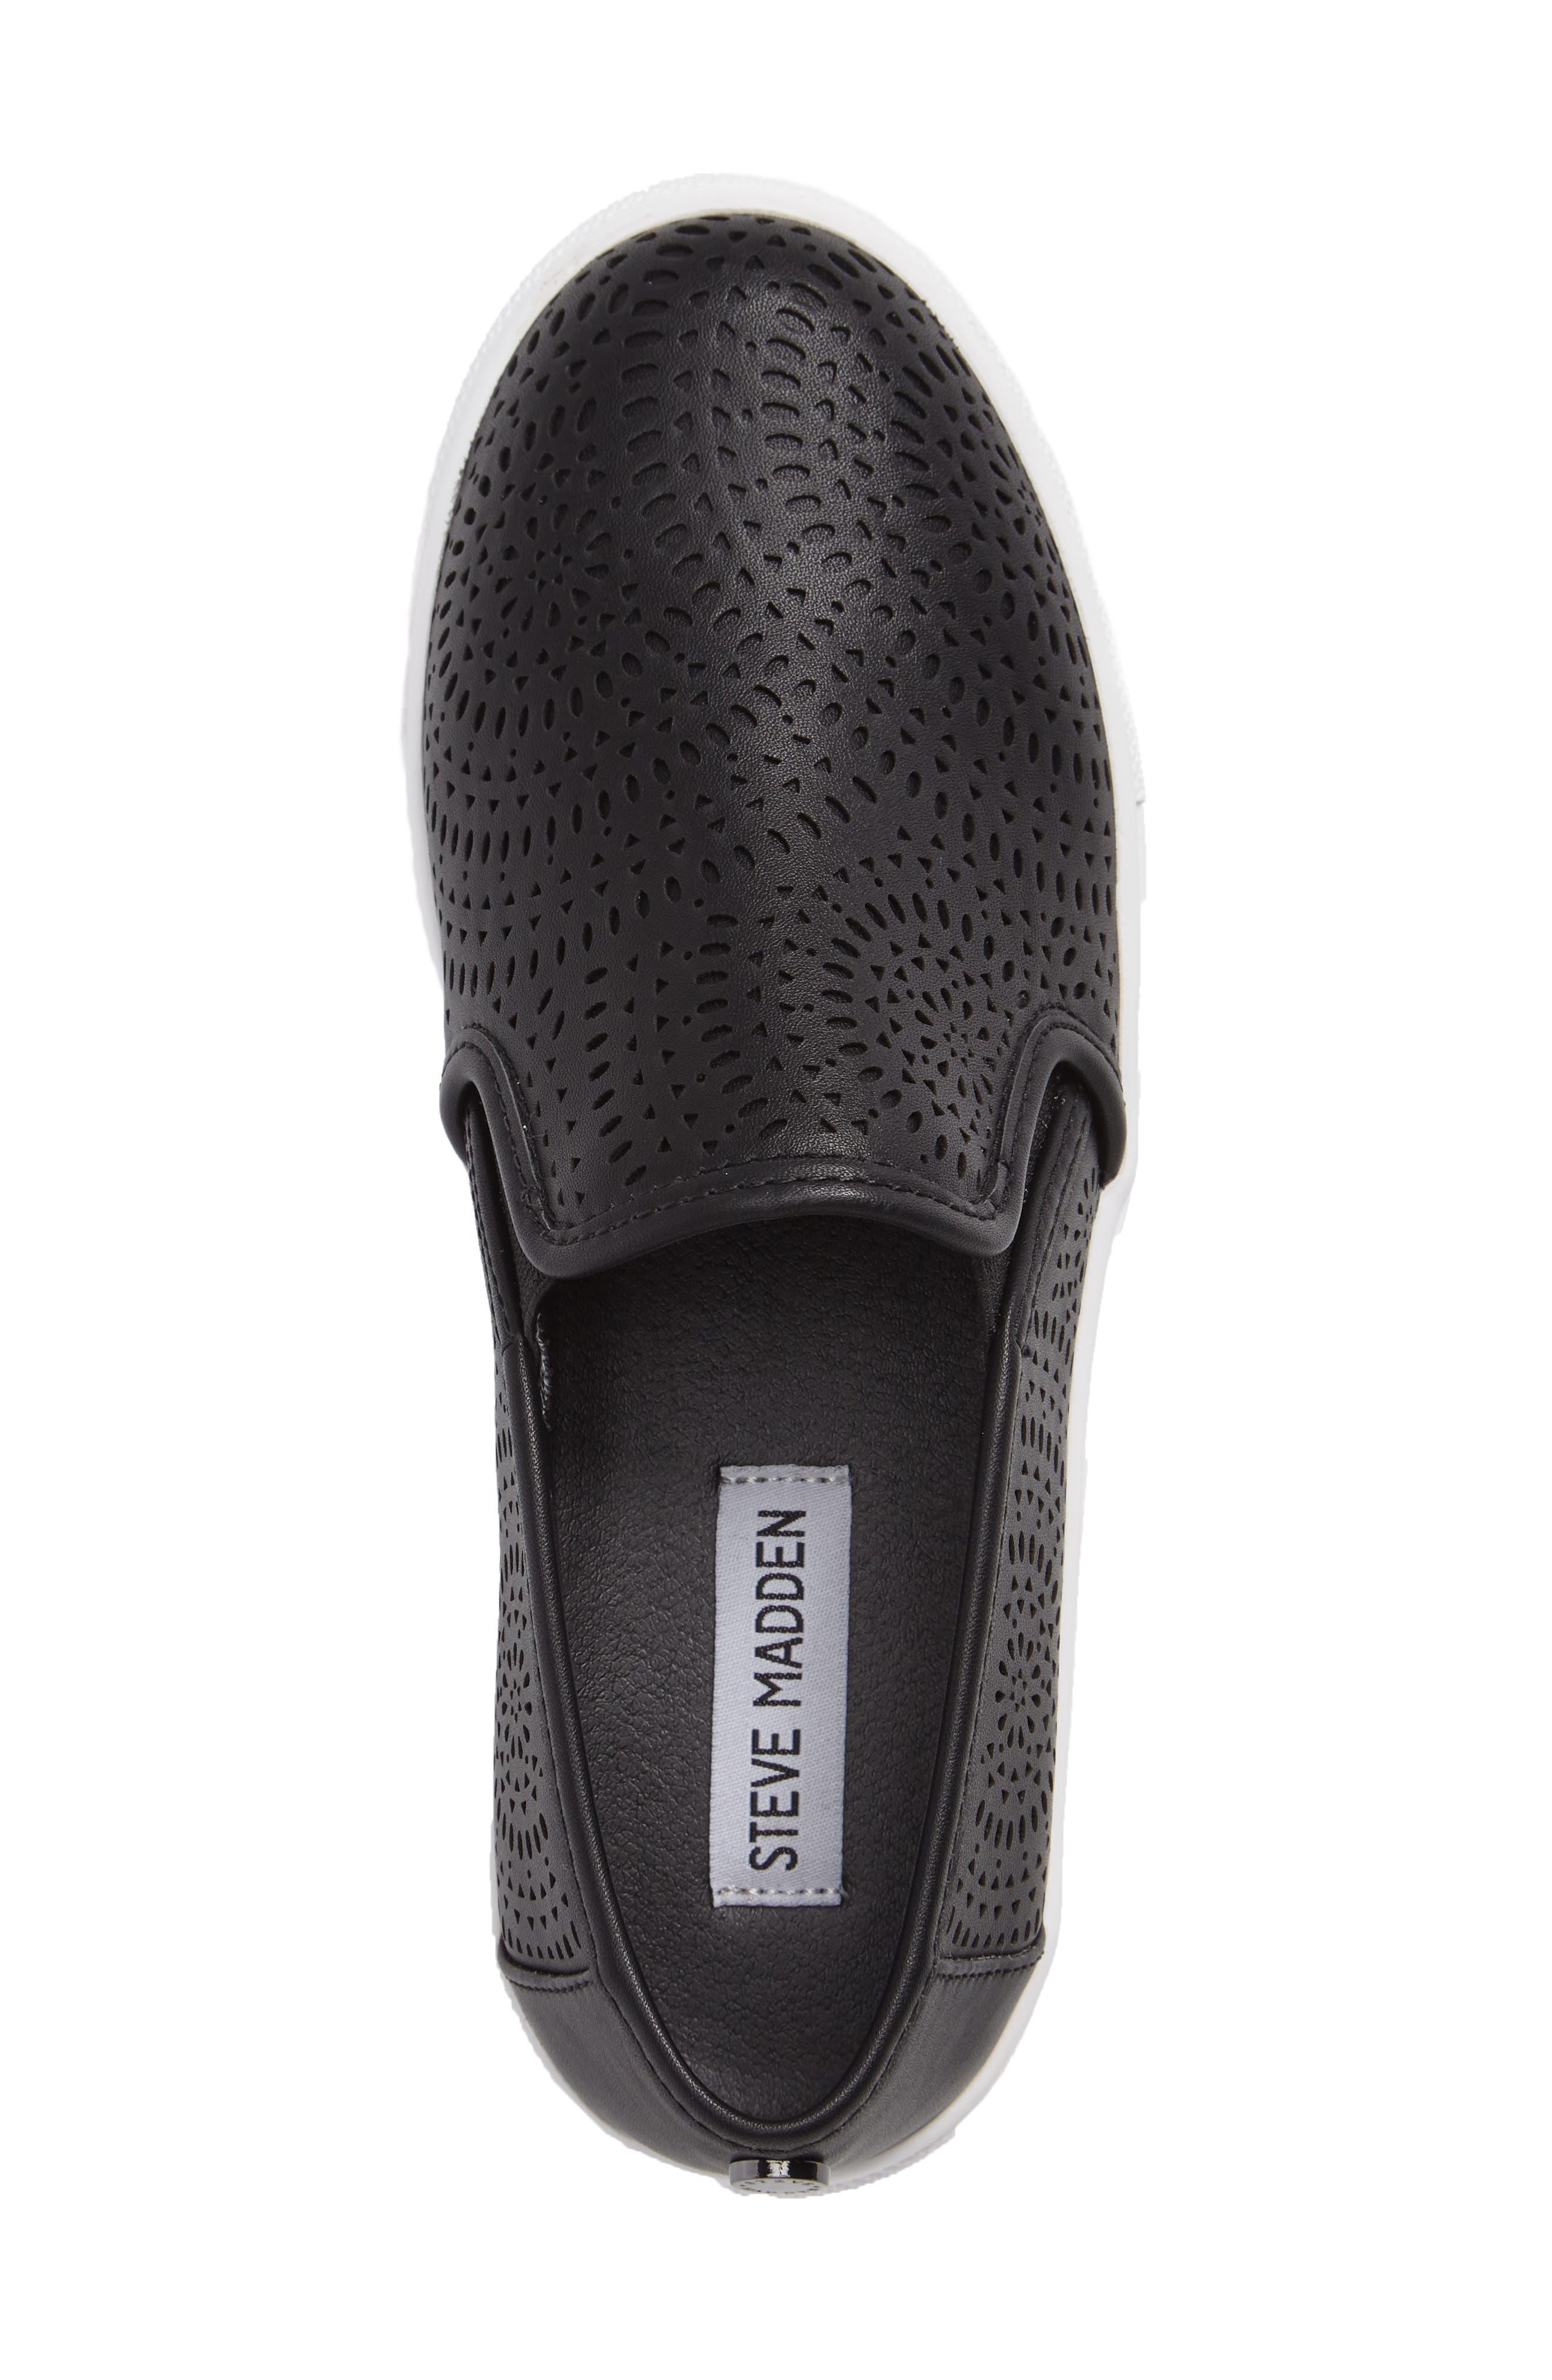 Alternate Image 3  - Steve Madden Episode Slip On Sneaker (Women)